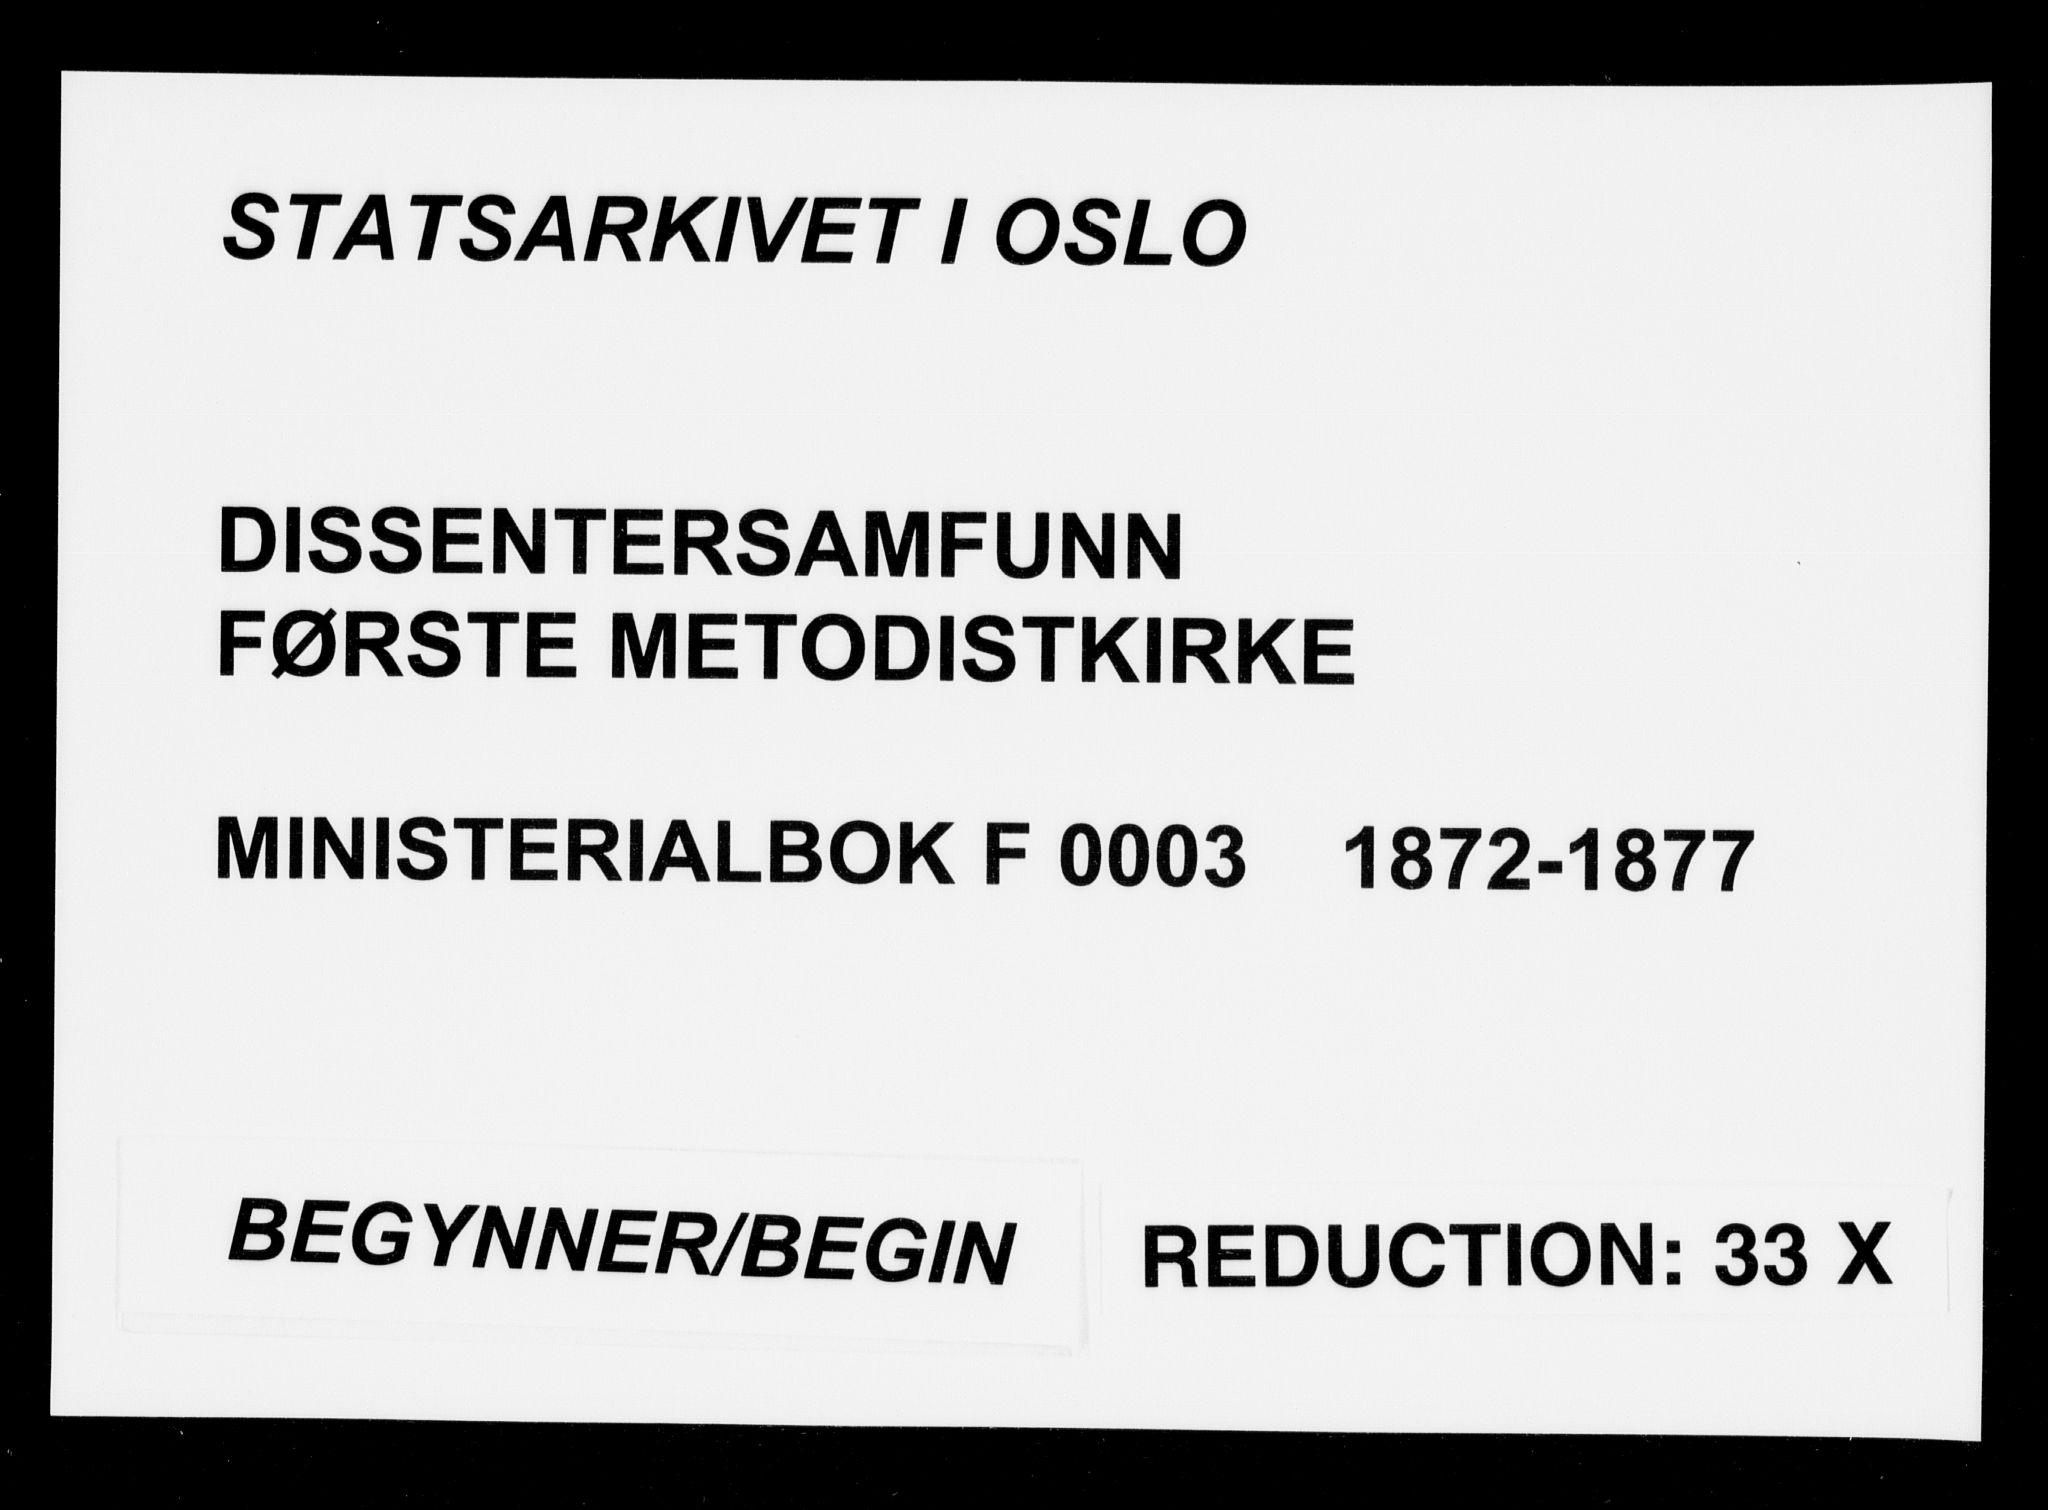 SAO, Første Metodistkirke Oslo -  menighetsprotokoller, F/L0003: Dissenterprotokoll nr. 3, 1872-1877